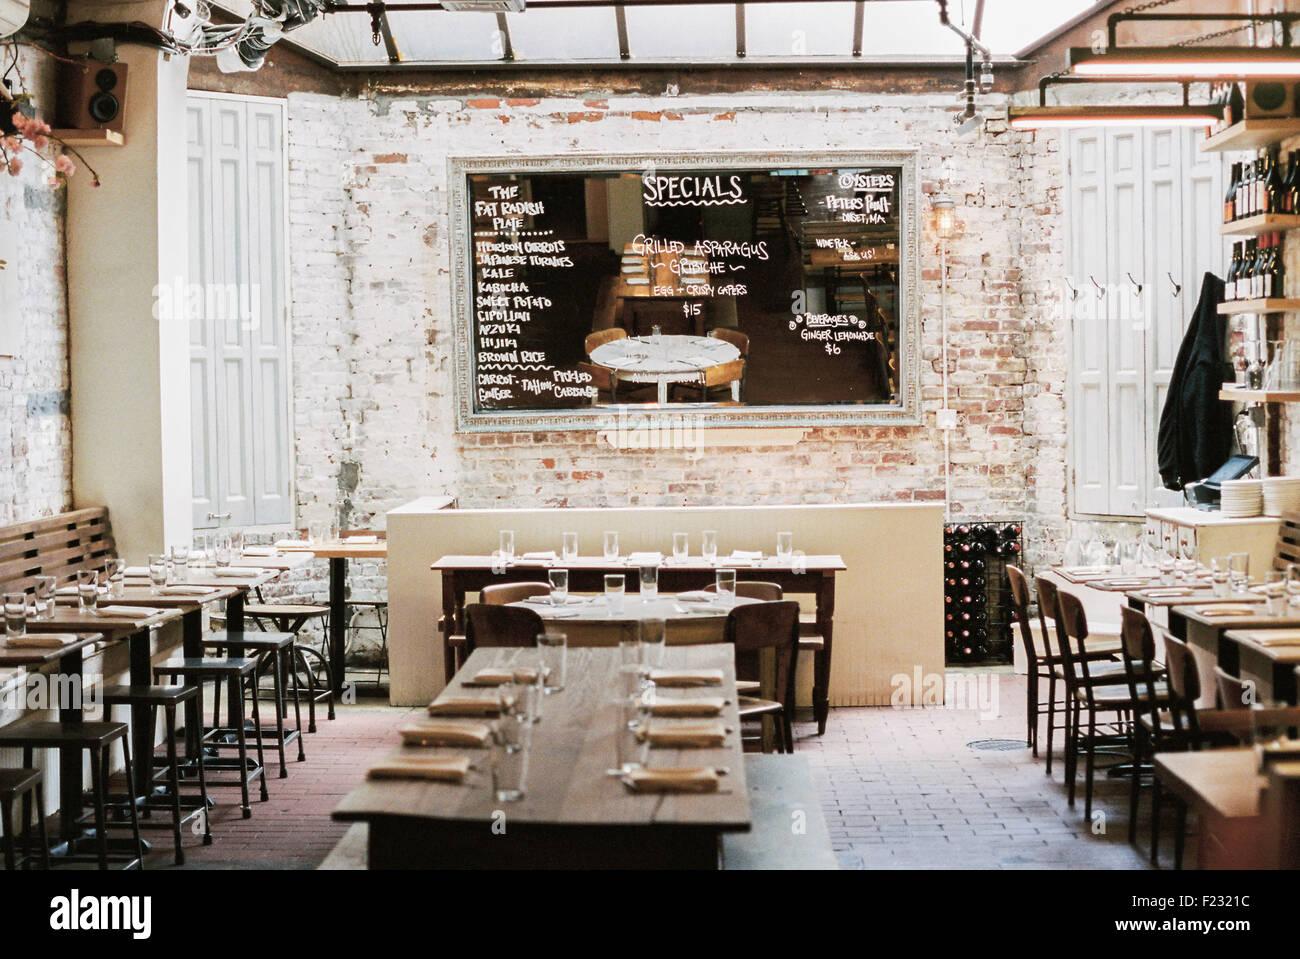 fef5aaba9946 Un restaurante con mesas y sillas largas y angostas establecidos para una  comida. Un gran menú Chalk board.